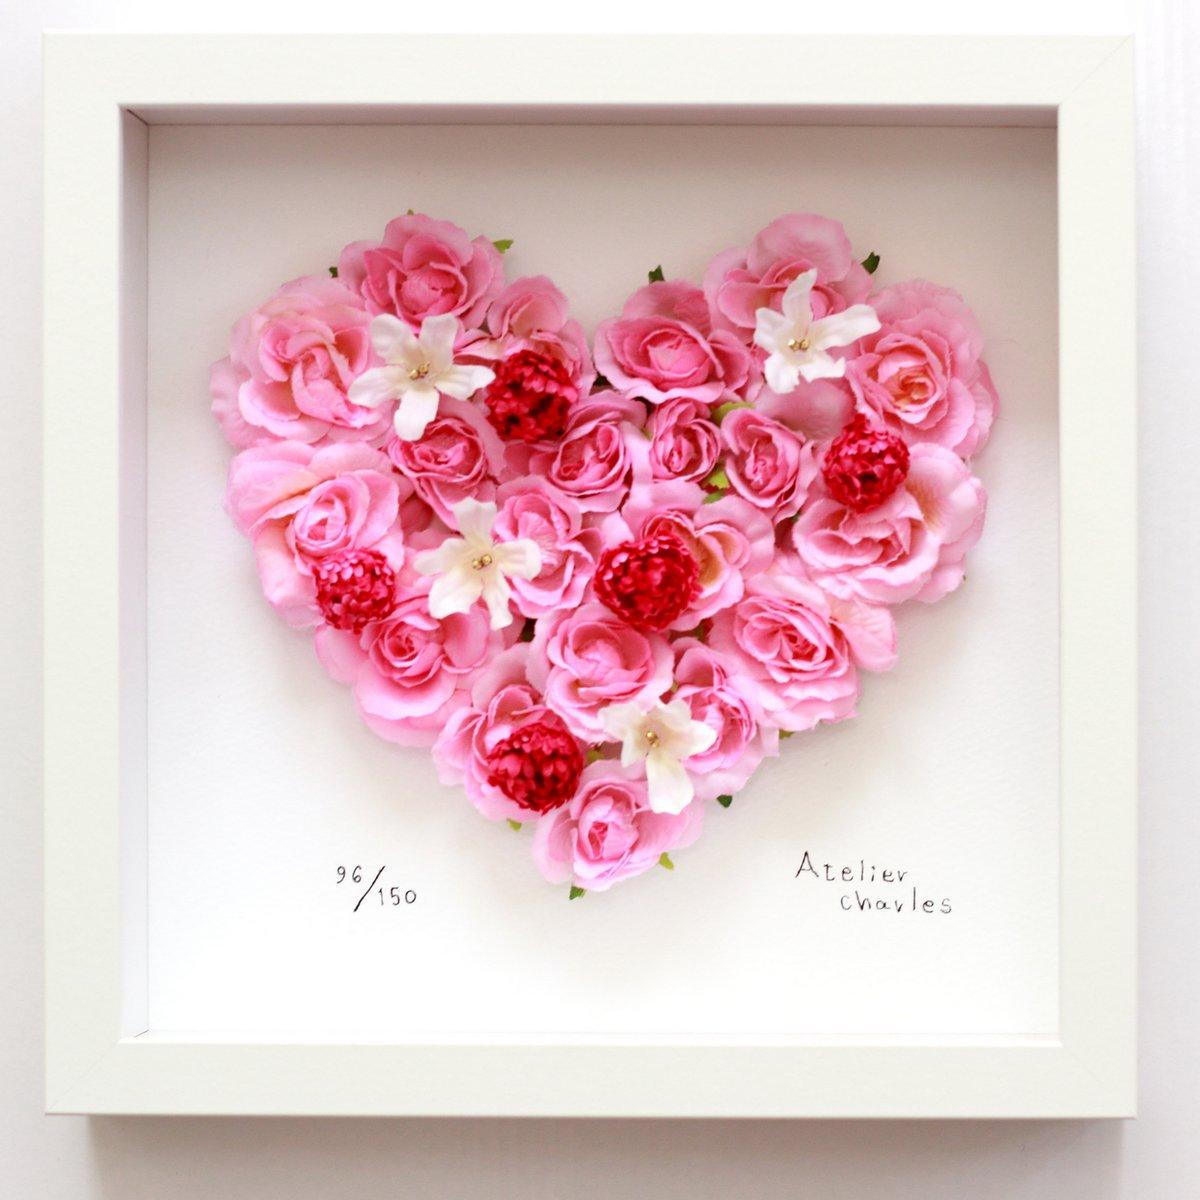 《フラワーフレーム》ハートシリーズ Pink Heart 3 ピンク ハート3